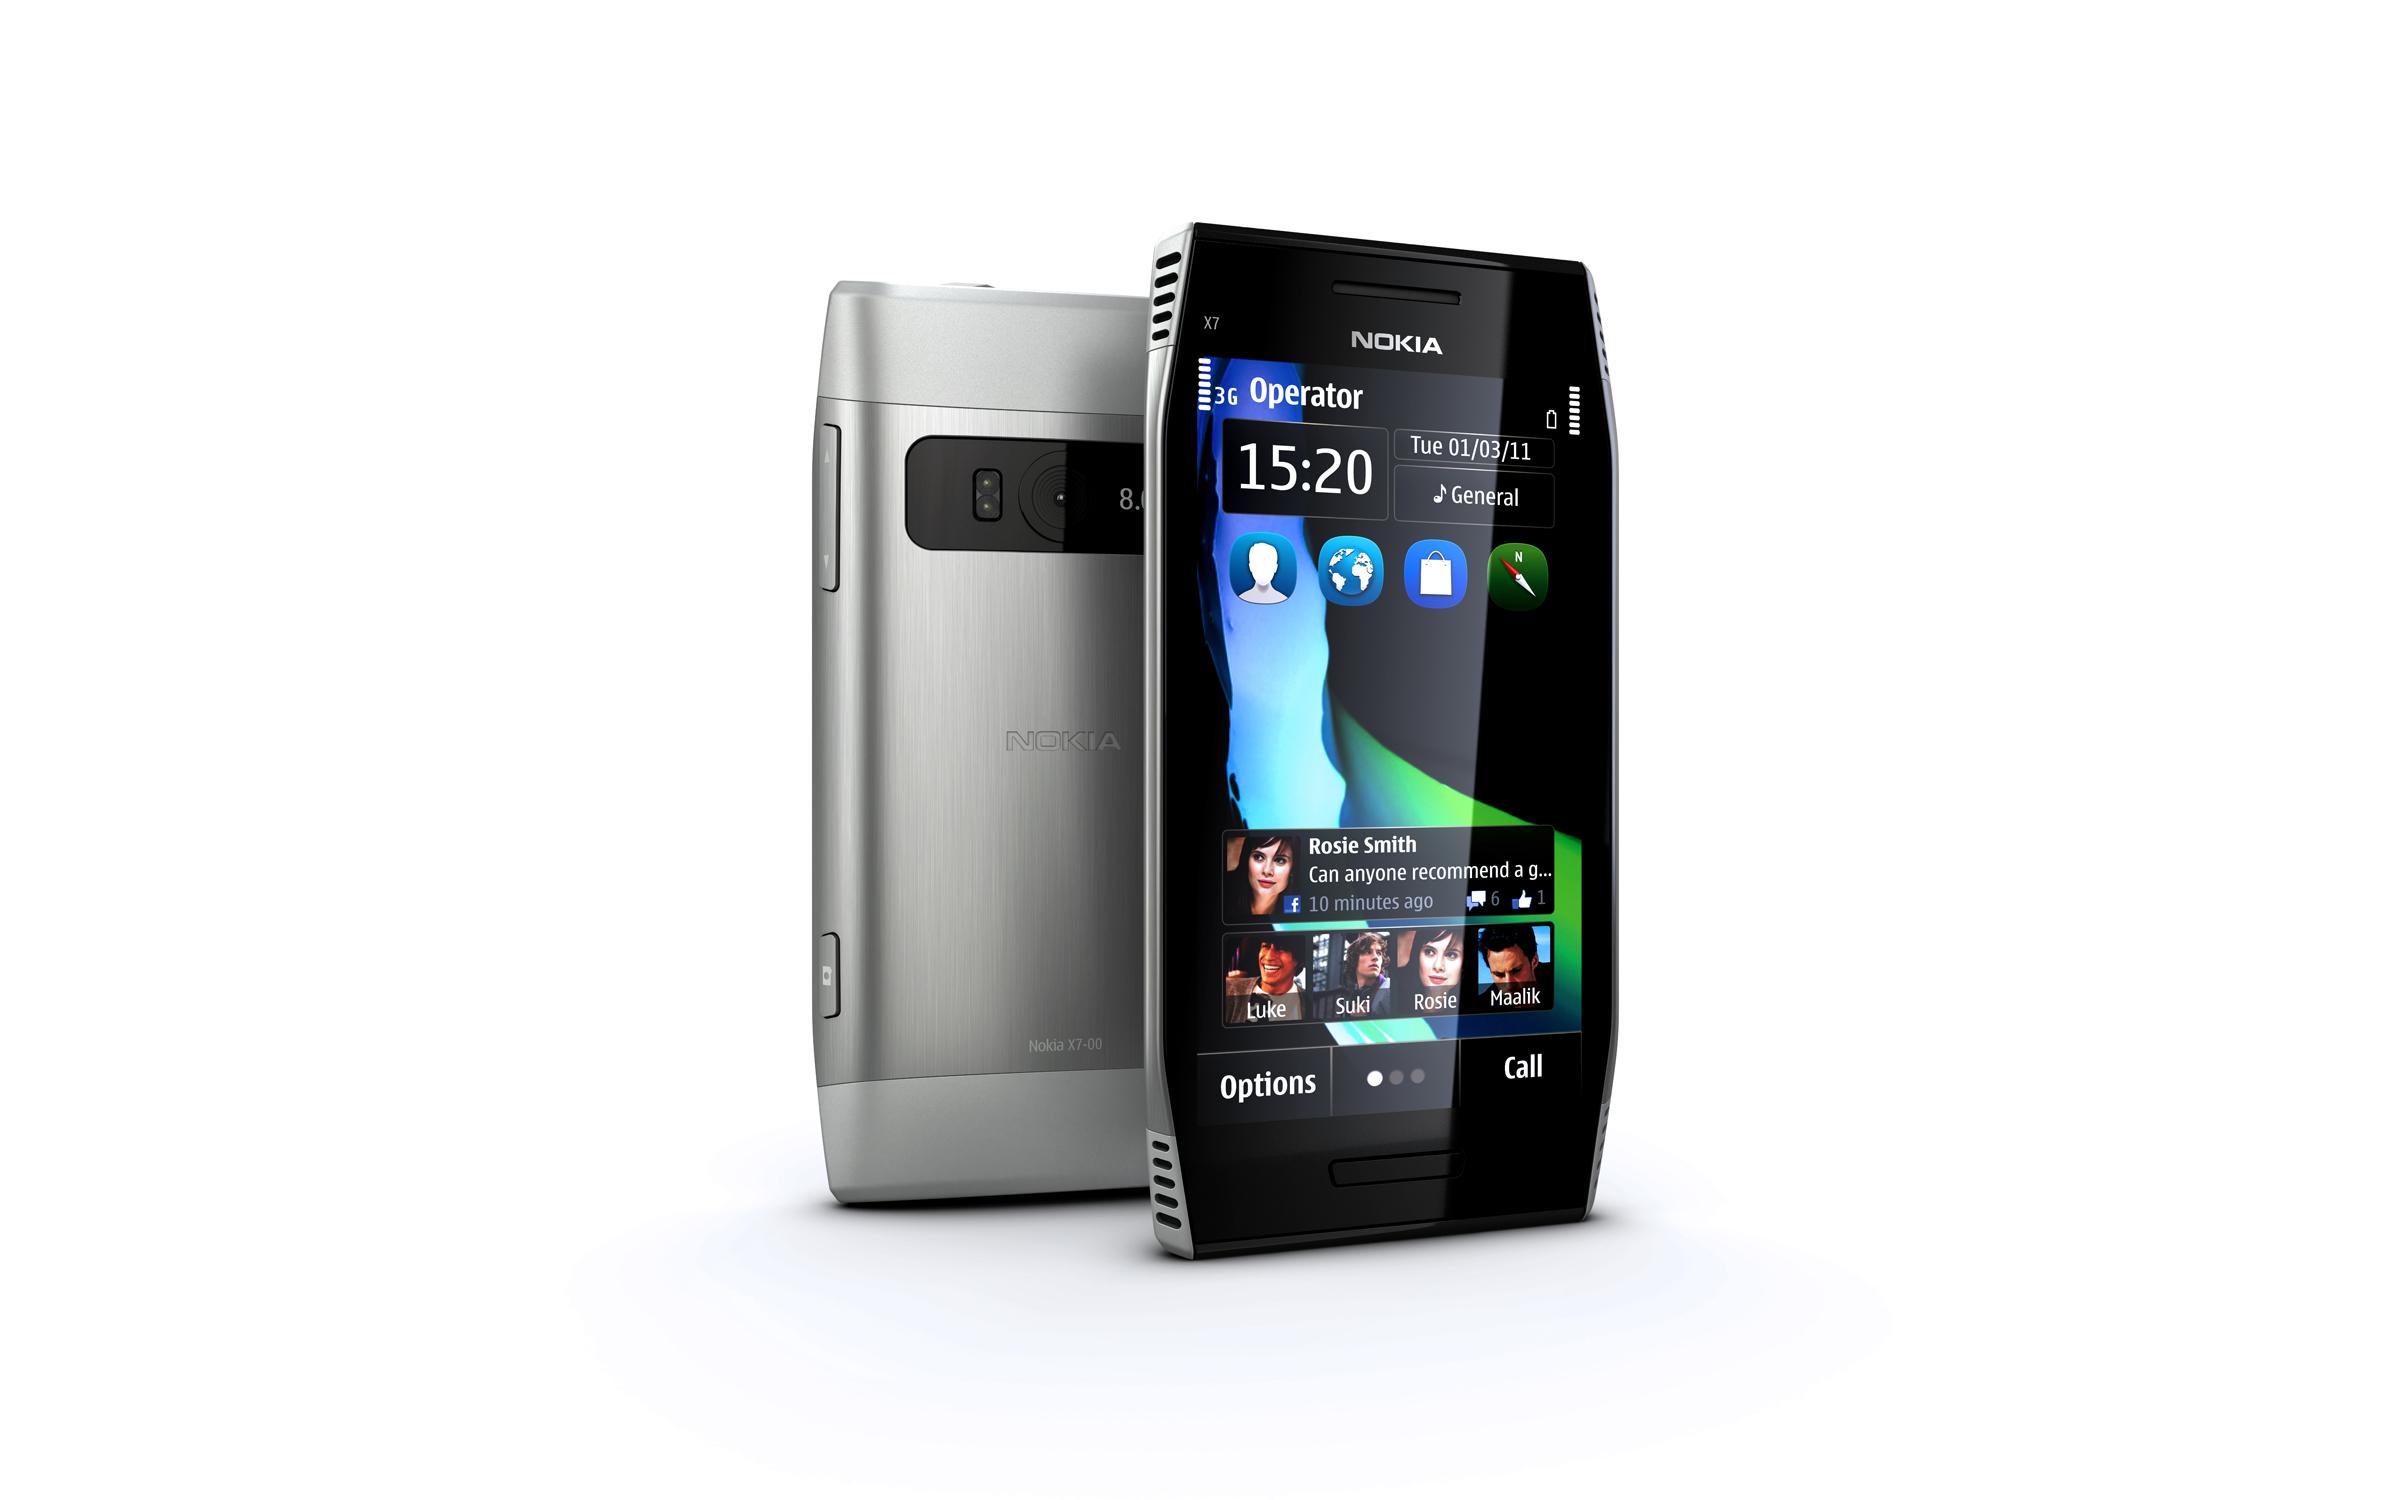 Nokia x7 00 software - Nokia X7 00 Software 1